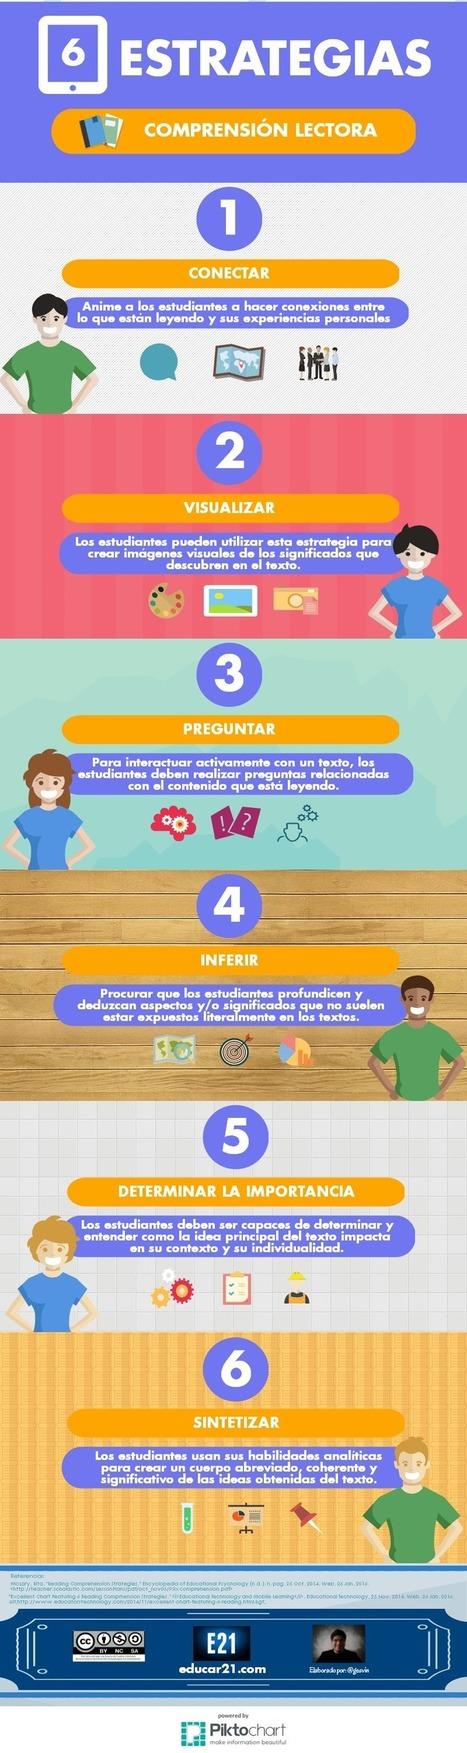 6 estrategias efectivas para desarrollar la Comprensión Lectora #infografia #education | educacion | Scoop.it